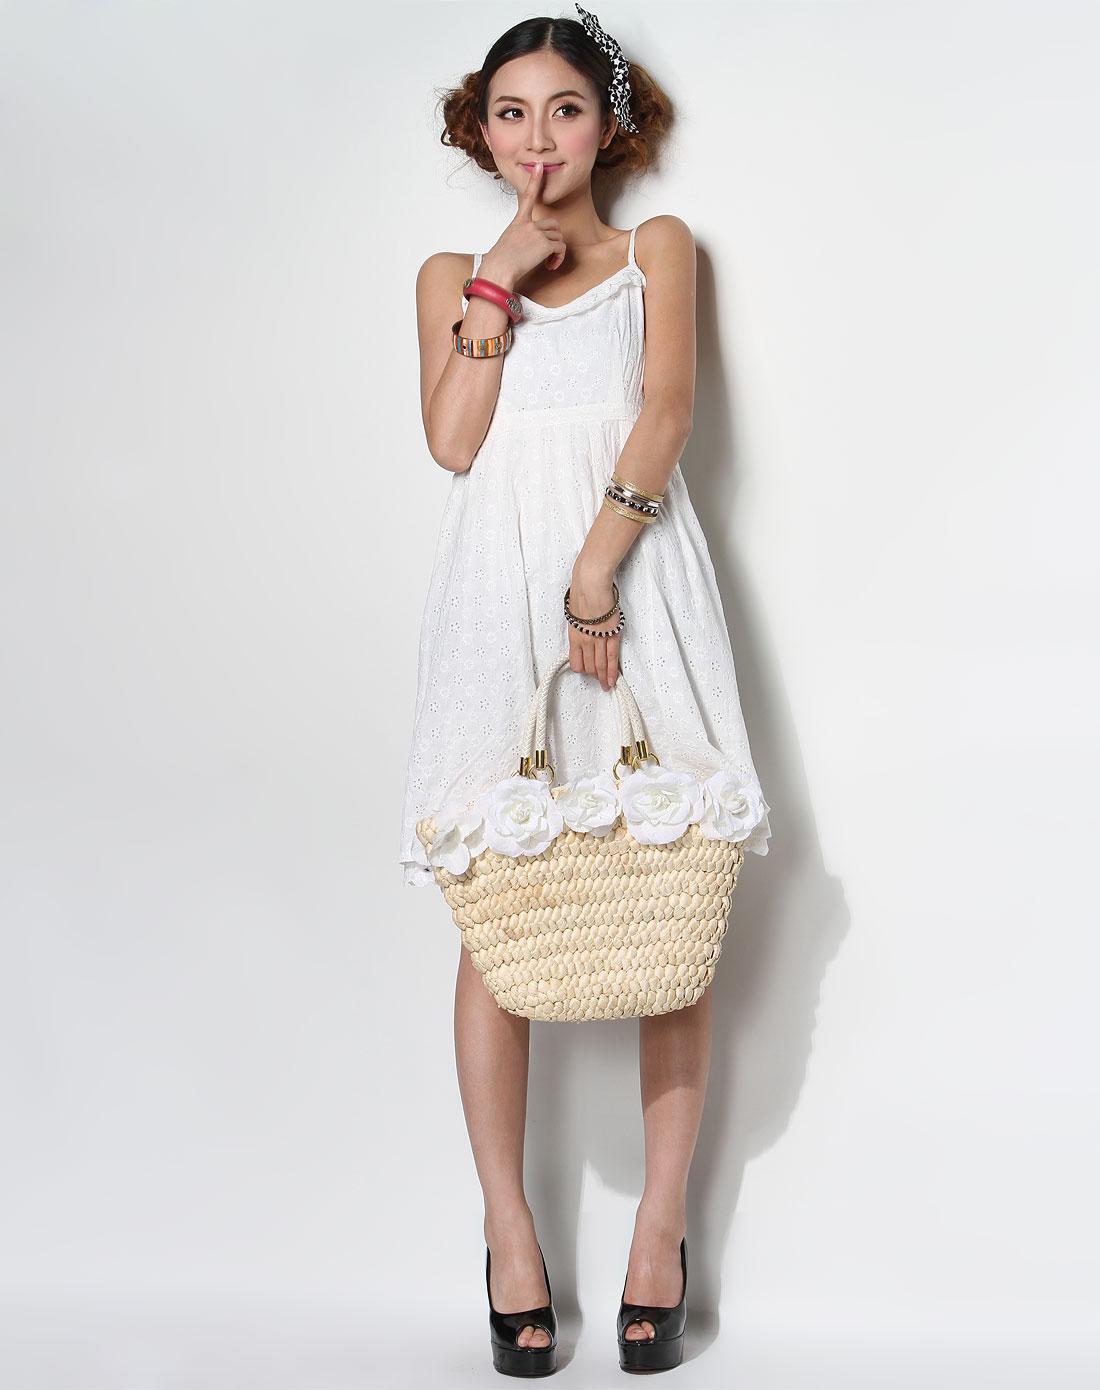 sweetie白色镂空绣花纹吊带连衣裙5211207900